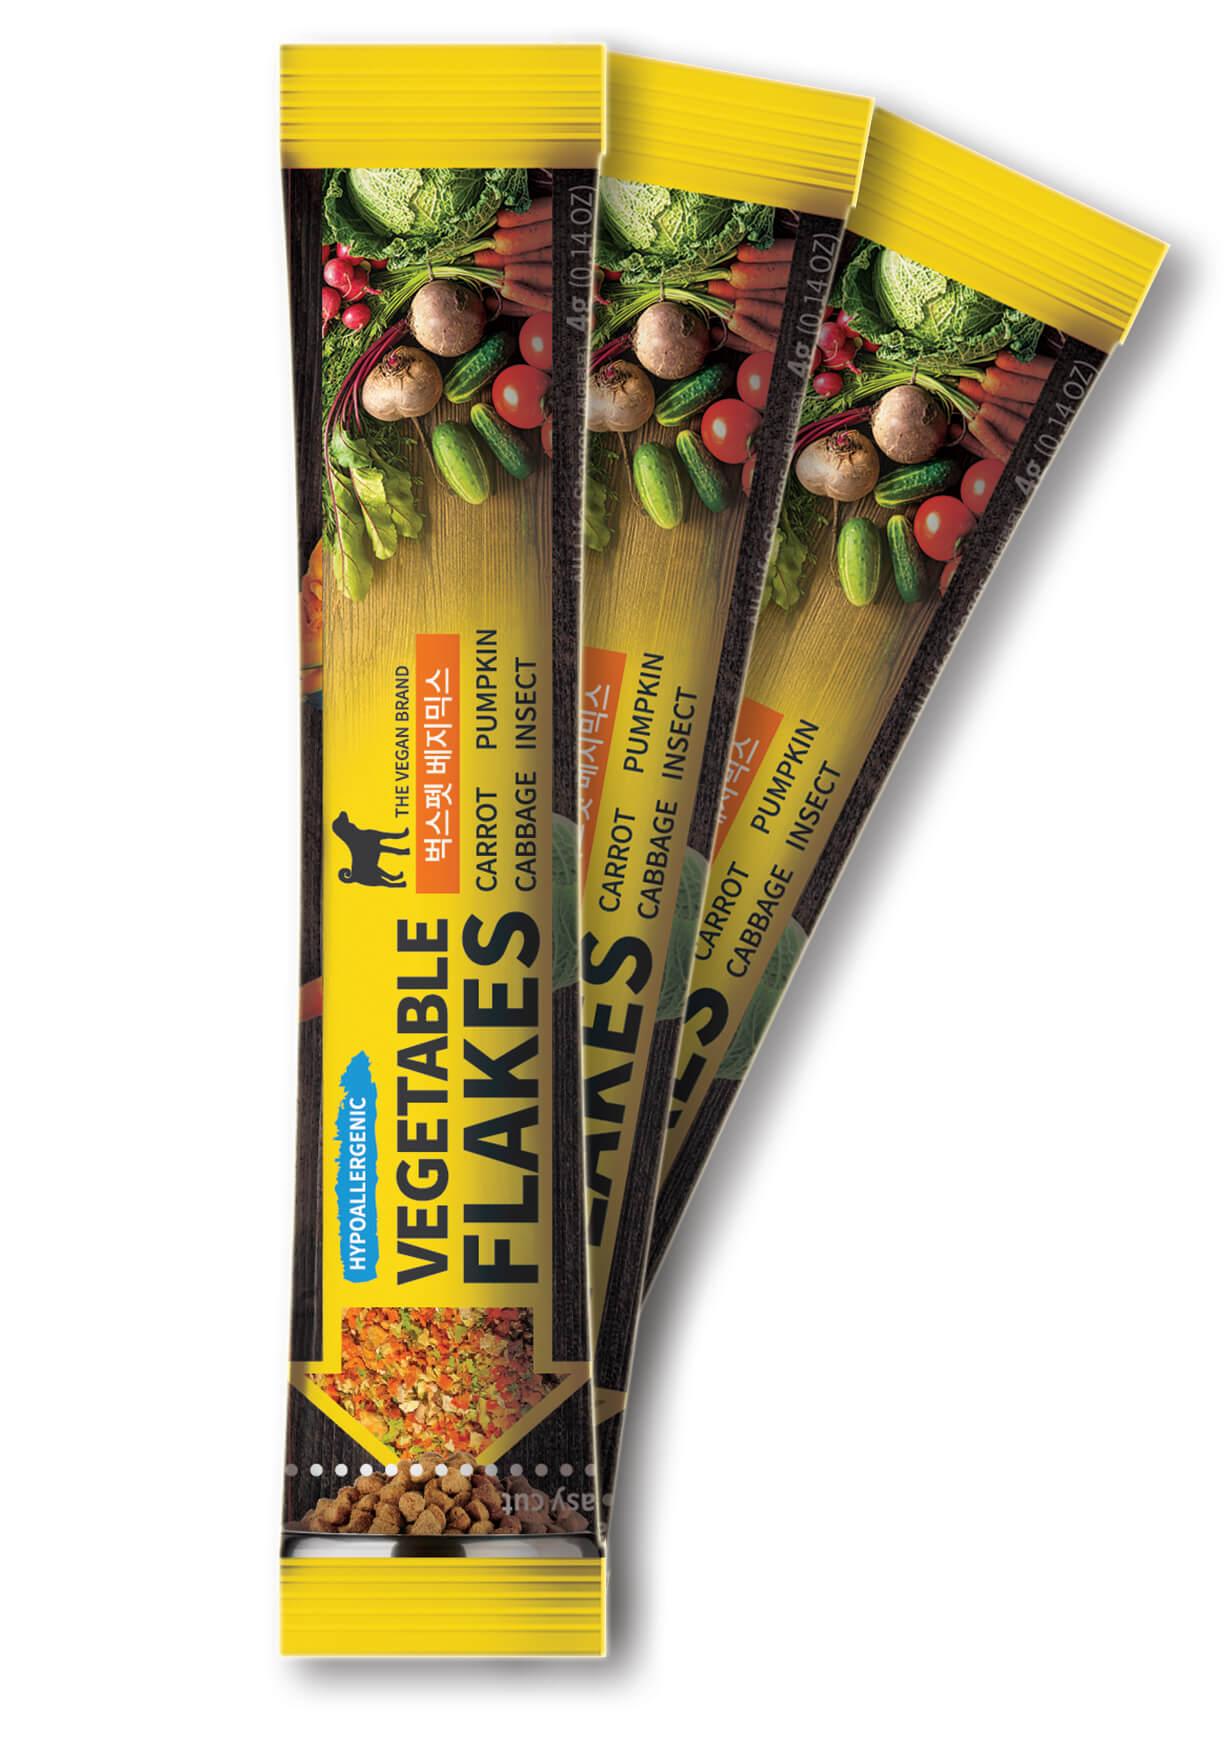 Korean high-quality pet food Bugs-pet Vege-Mix (stick)